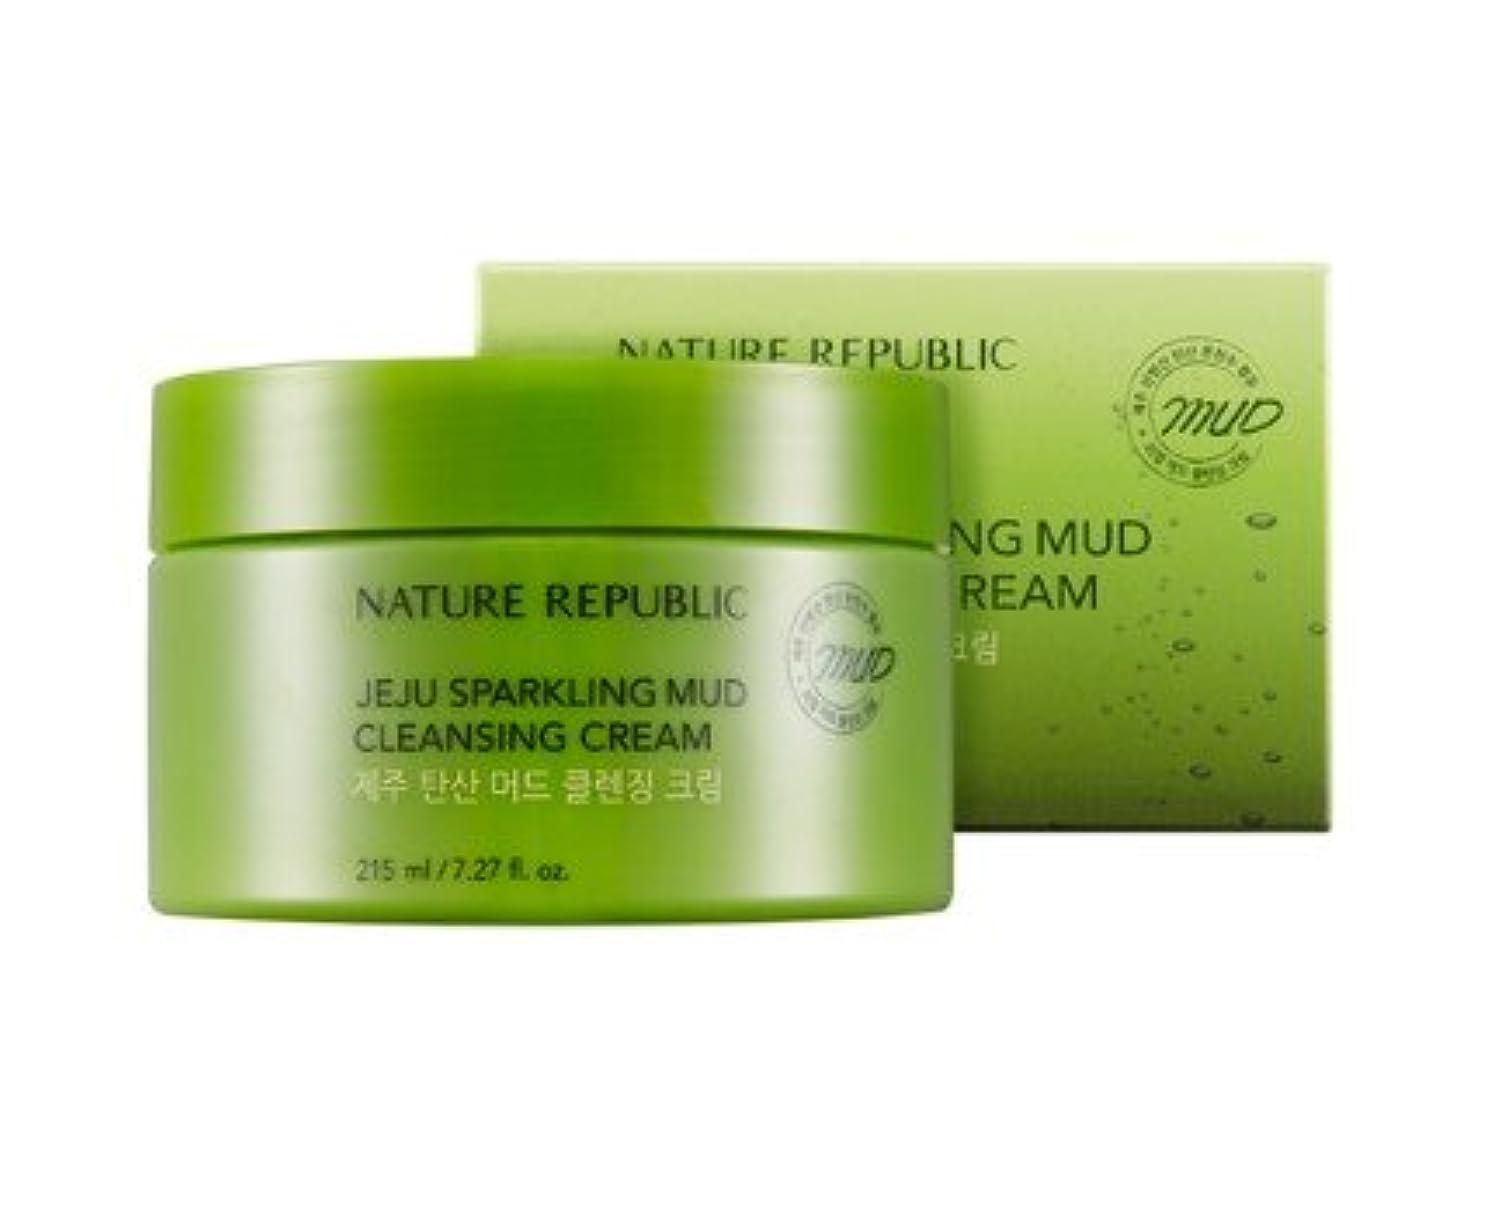 船酔いリングバック続けるNature republic Jeju Sparkling Mud Cleansing Cream ネイチャーリパブリック チェジュ炭酸マッド クレンジングクリーム 215ML [並行輸入品]